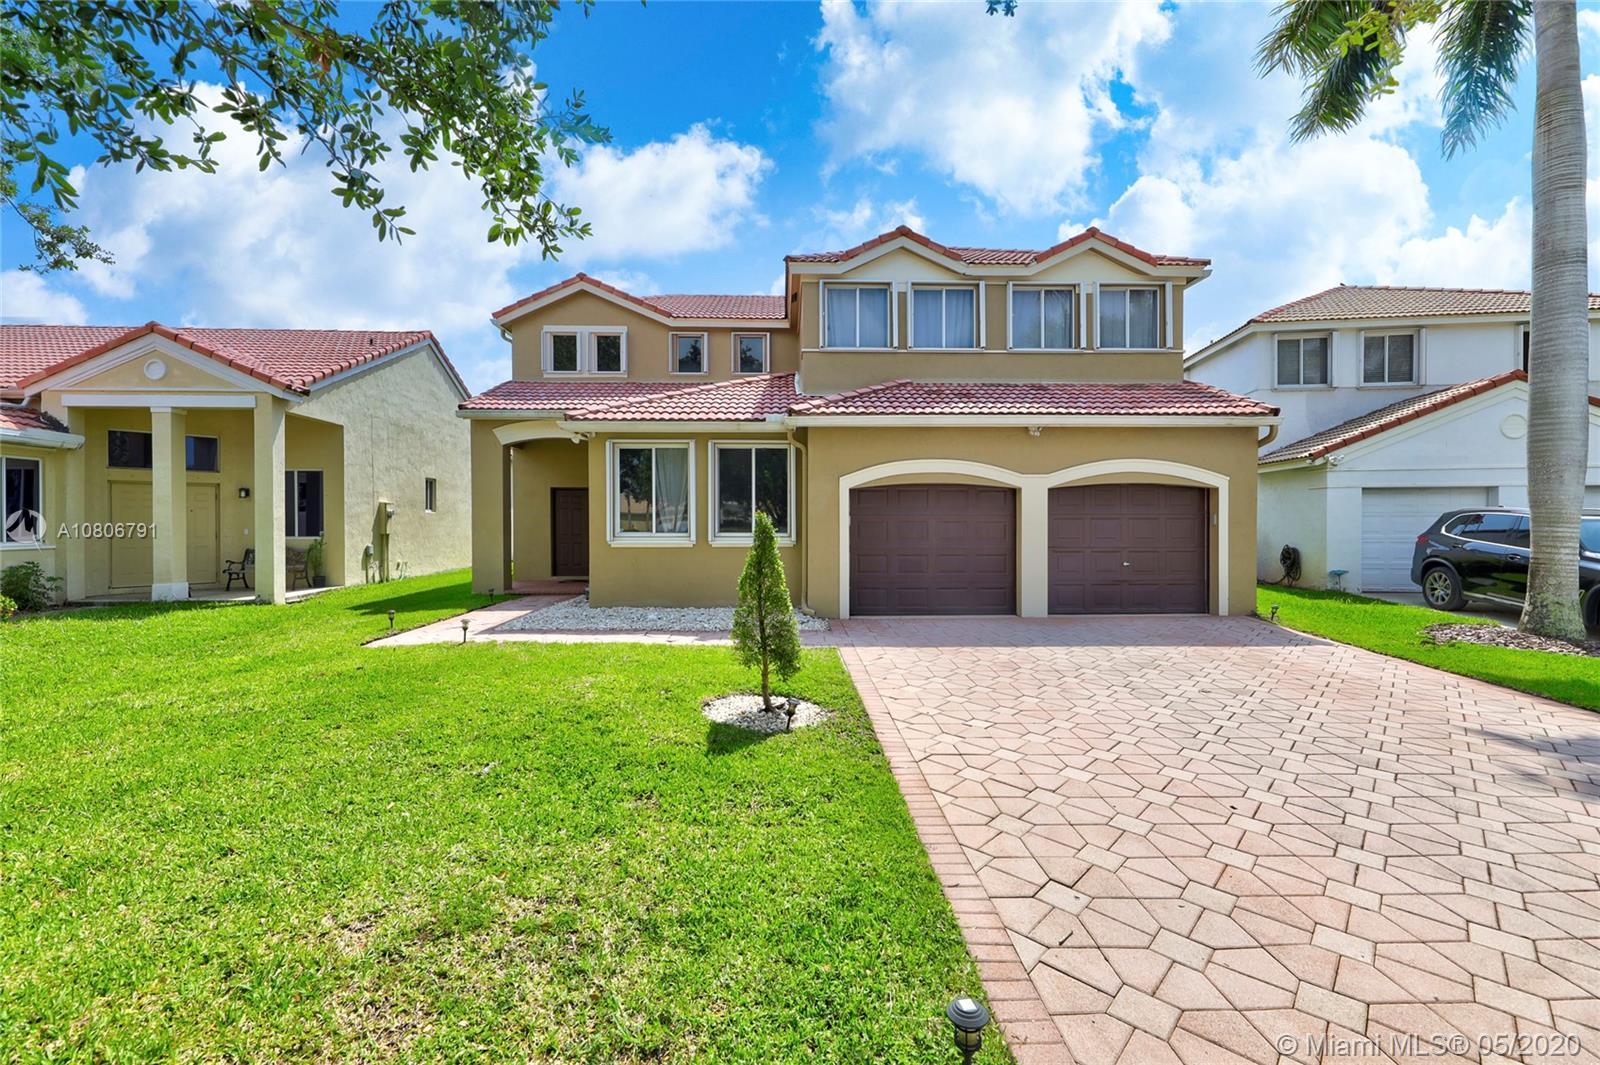 Weston - 1302 Camellia Lane, Weston, FL 33326